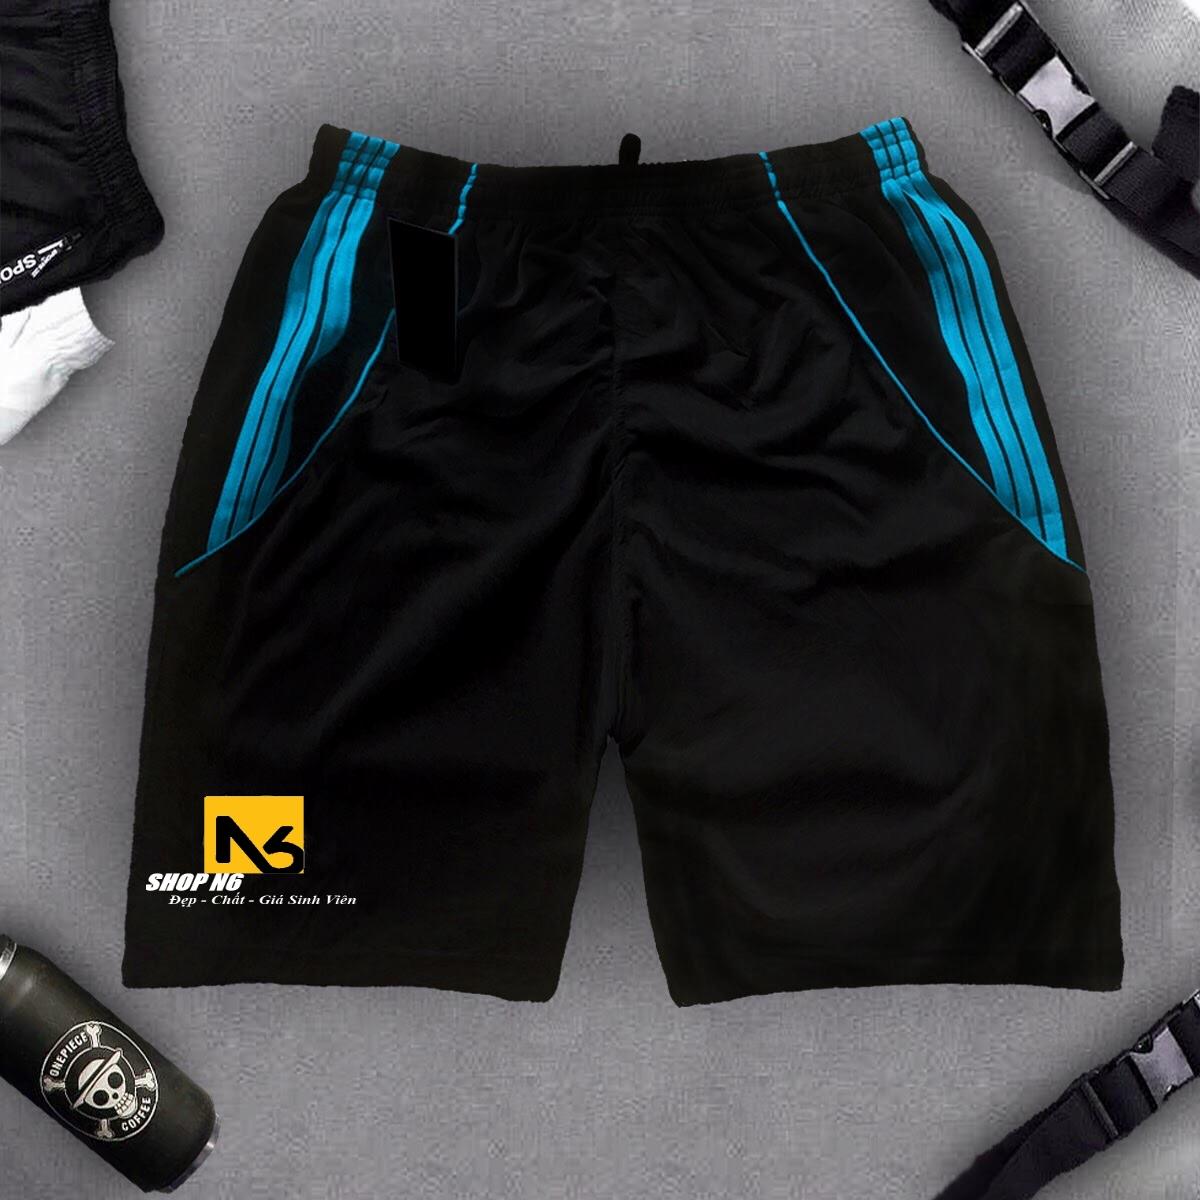 Quần short nam có Big Size 115kg lưng thun co giãn 4 chiều ,quần đùi nam thể thao cao cấp ShopN6 - QSB1 (sọc ngẫu nhiên)